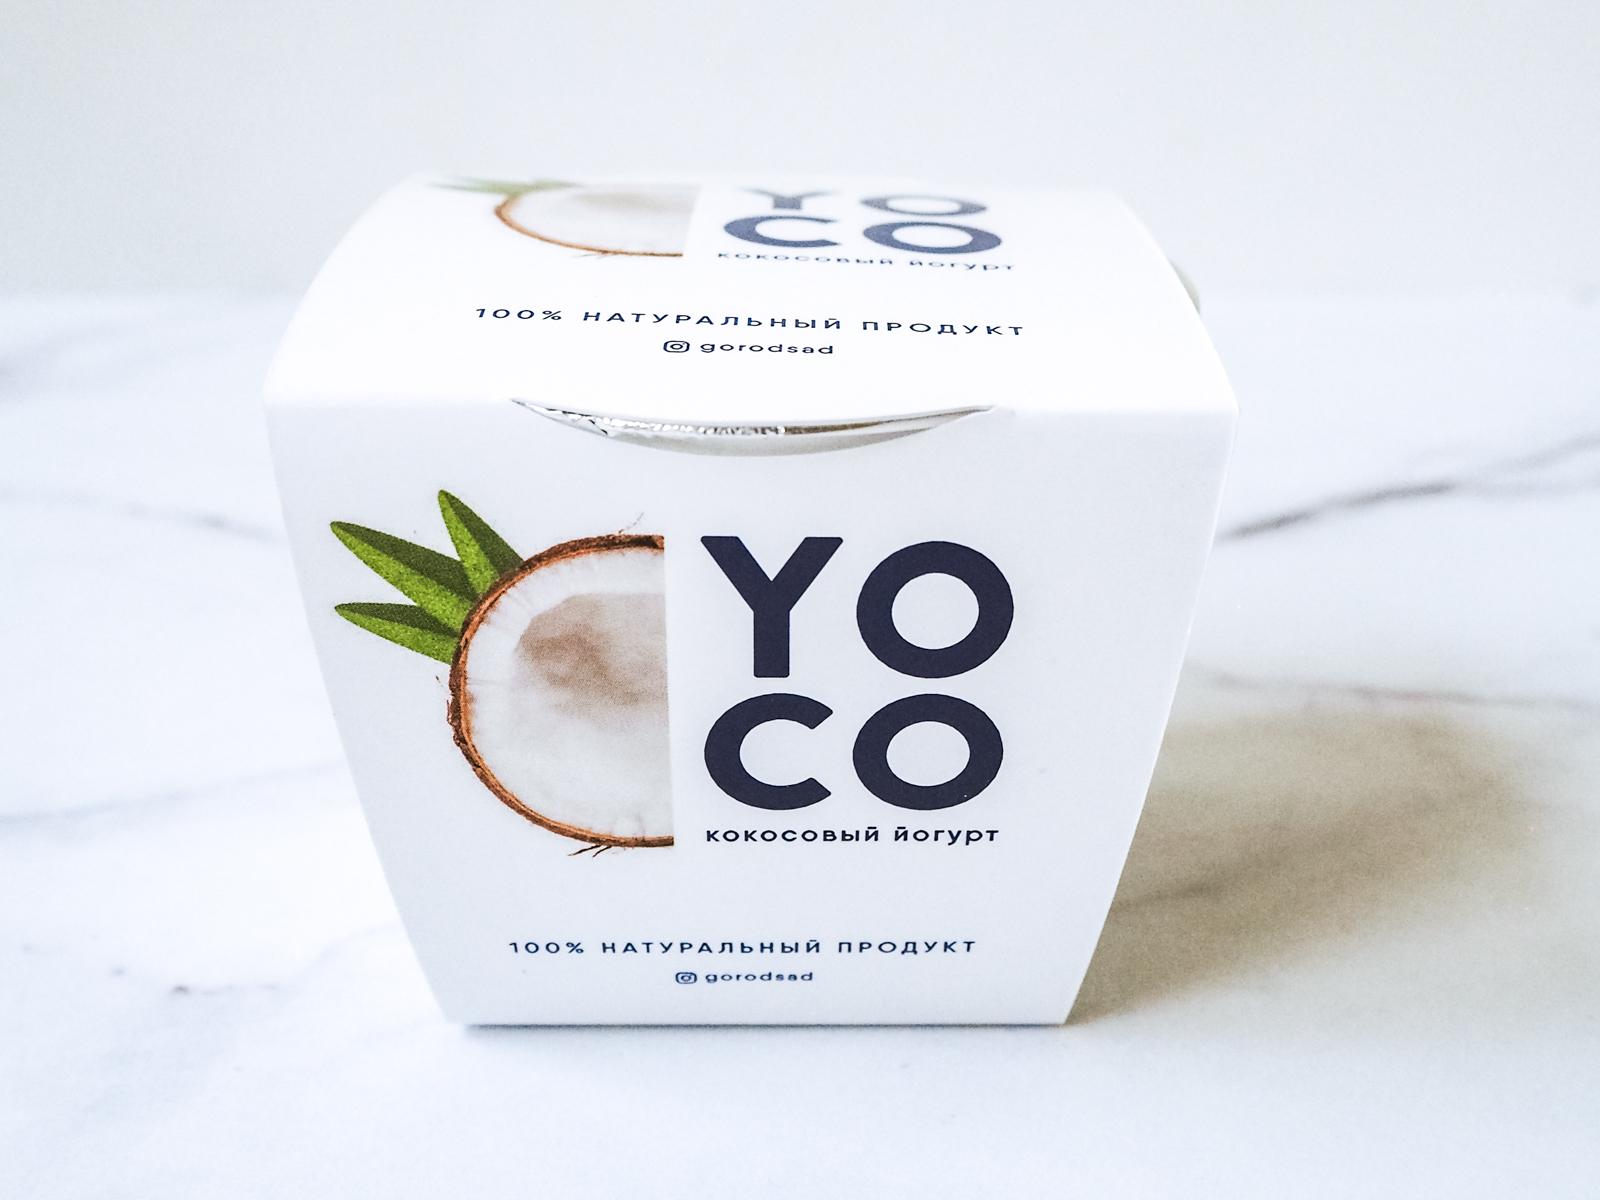 Кокосовый йогурт Yoco